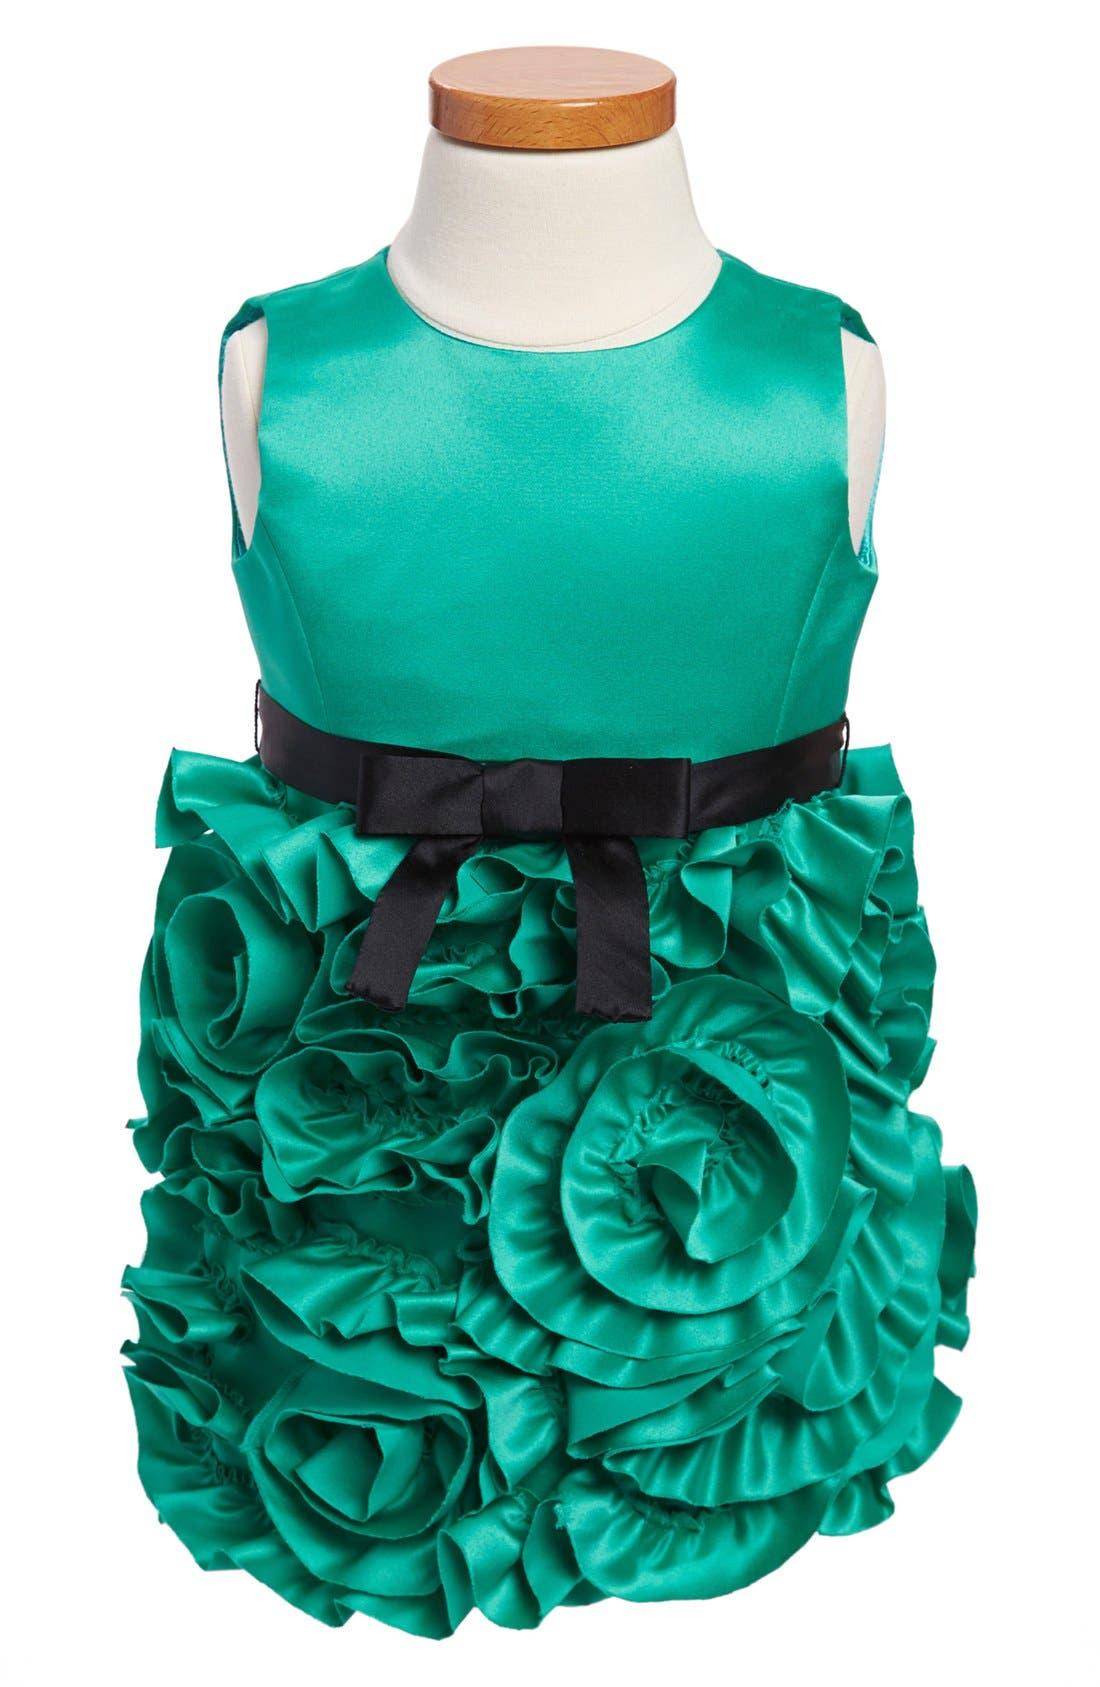 Main Image - Milly Minis Rosette Party Dress (Toddler Girls & Little Girls)